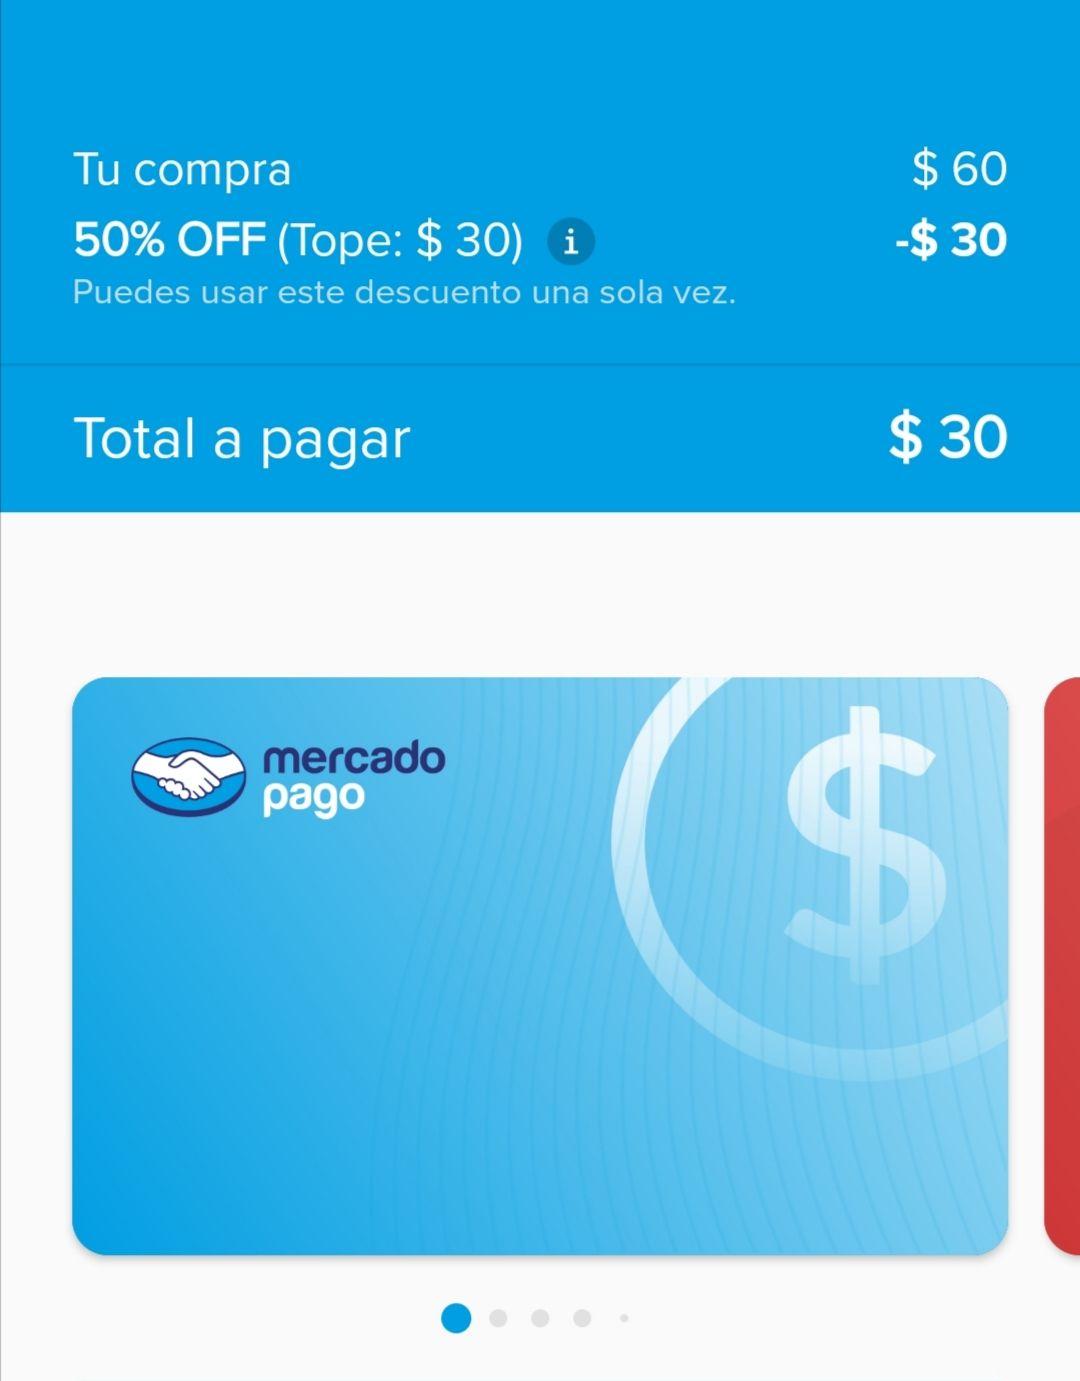 Mercado Pago: 50% de descuento en recargas, cuentas viejas y nuevas (máximo $30)